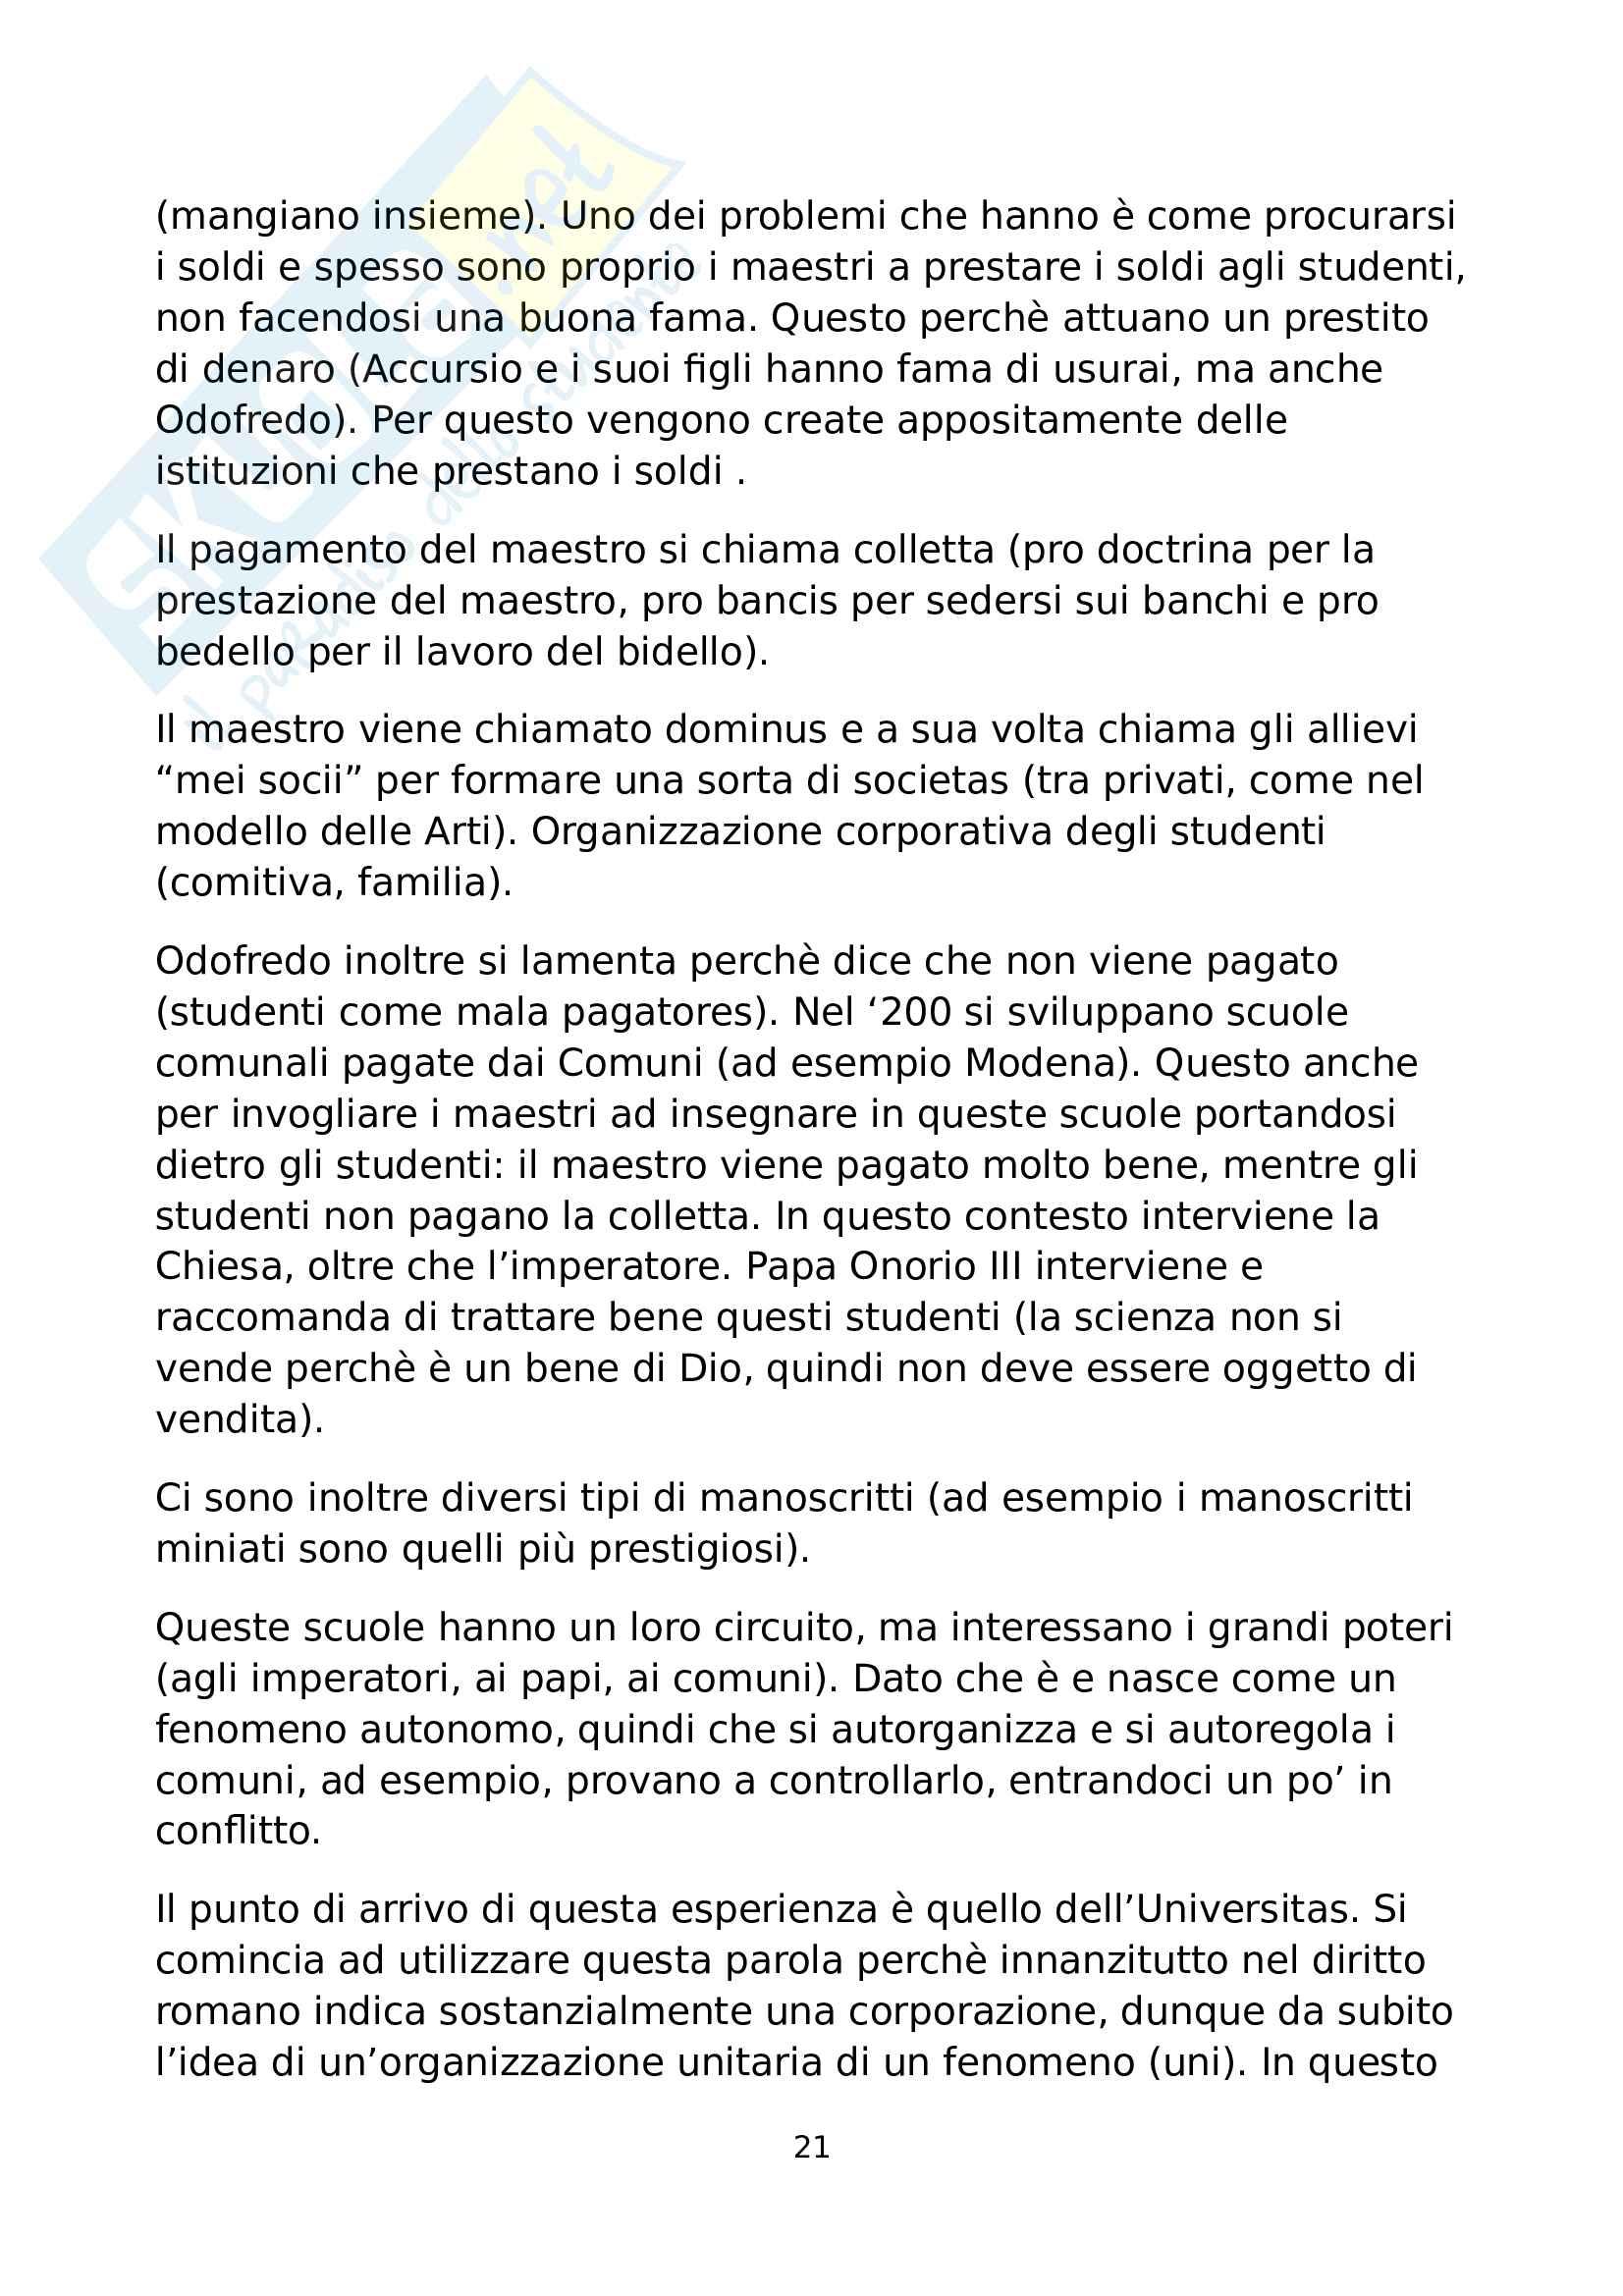 Storia del diritto 1 Pag. 21